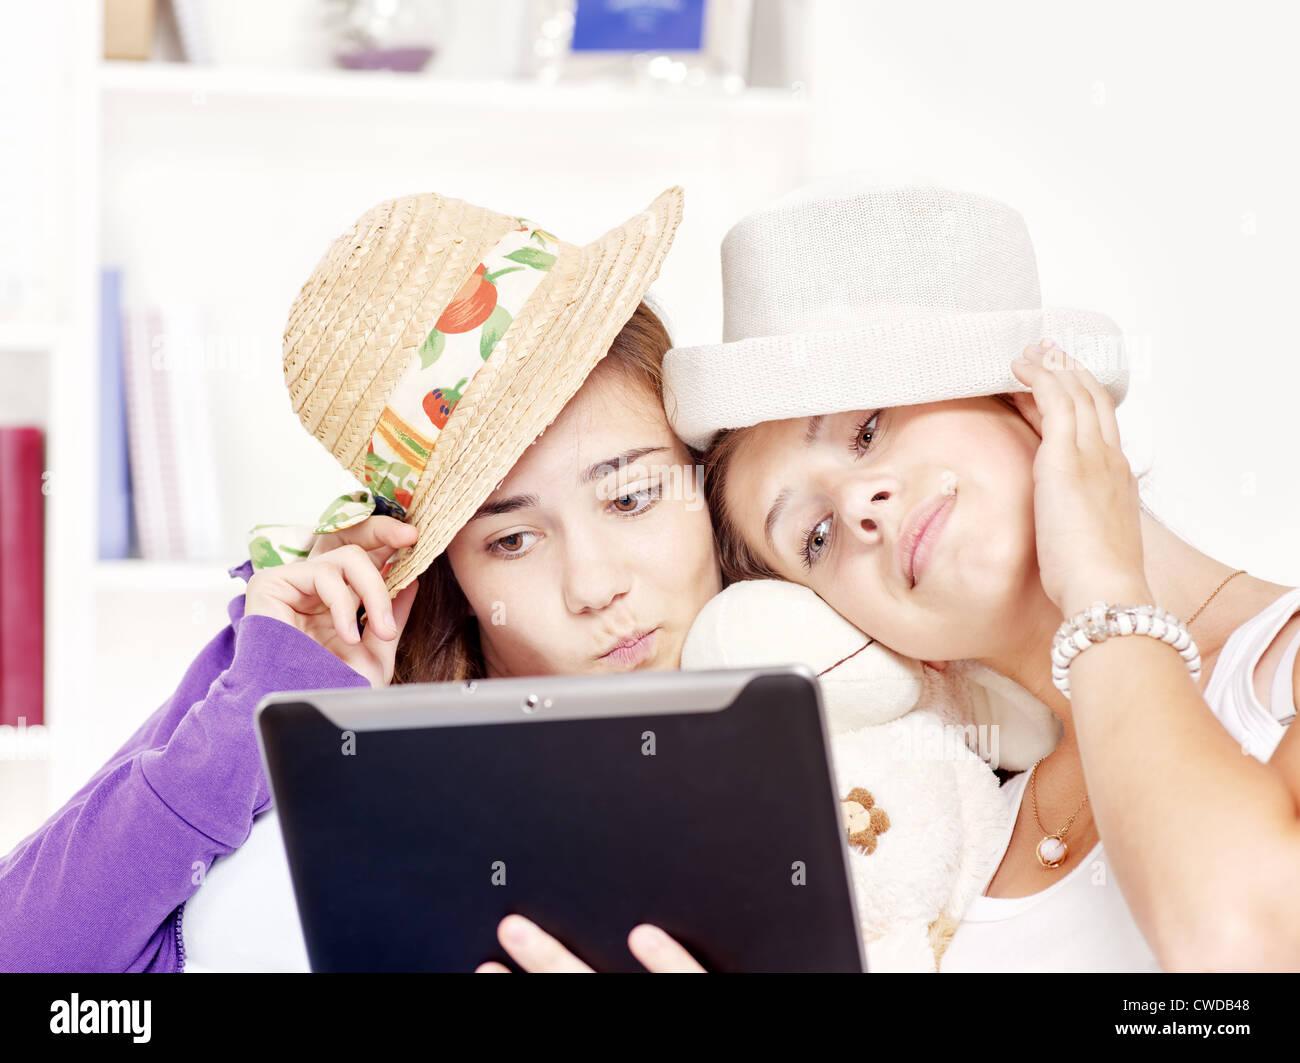 Dos chicas adolescentes felices divirtiéndose con touchpad ordenador Imagen De Stock